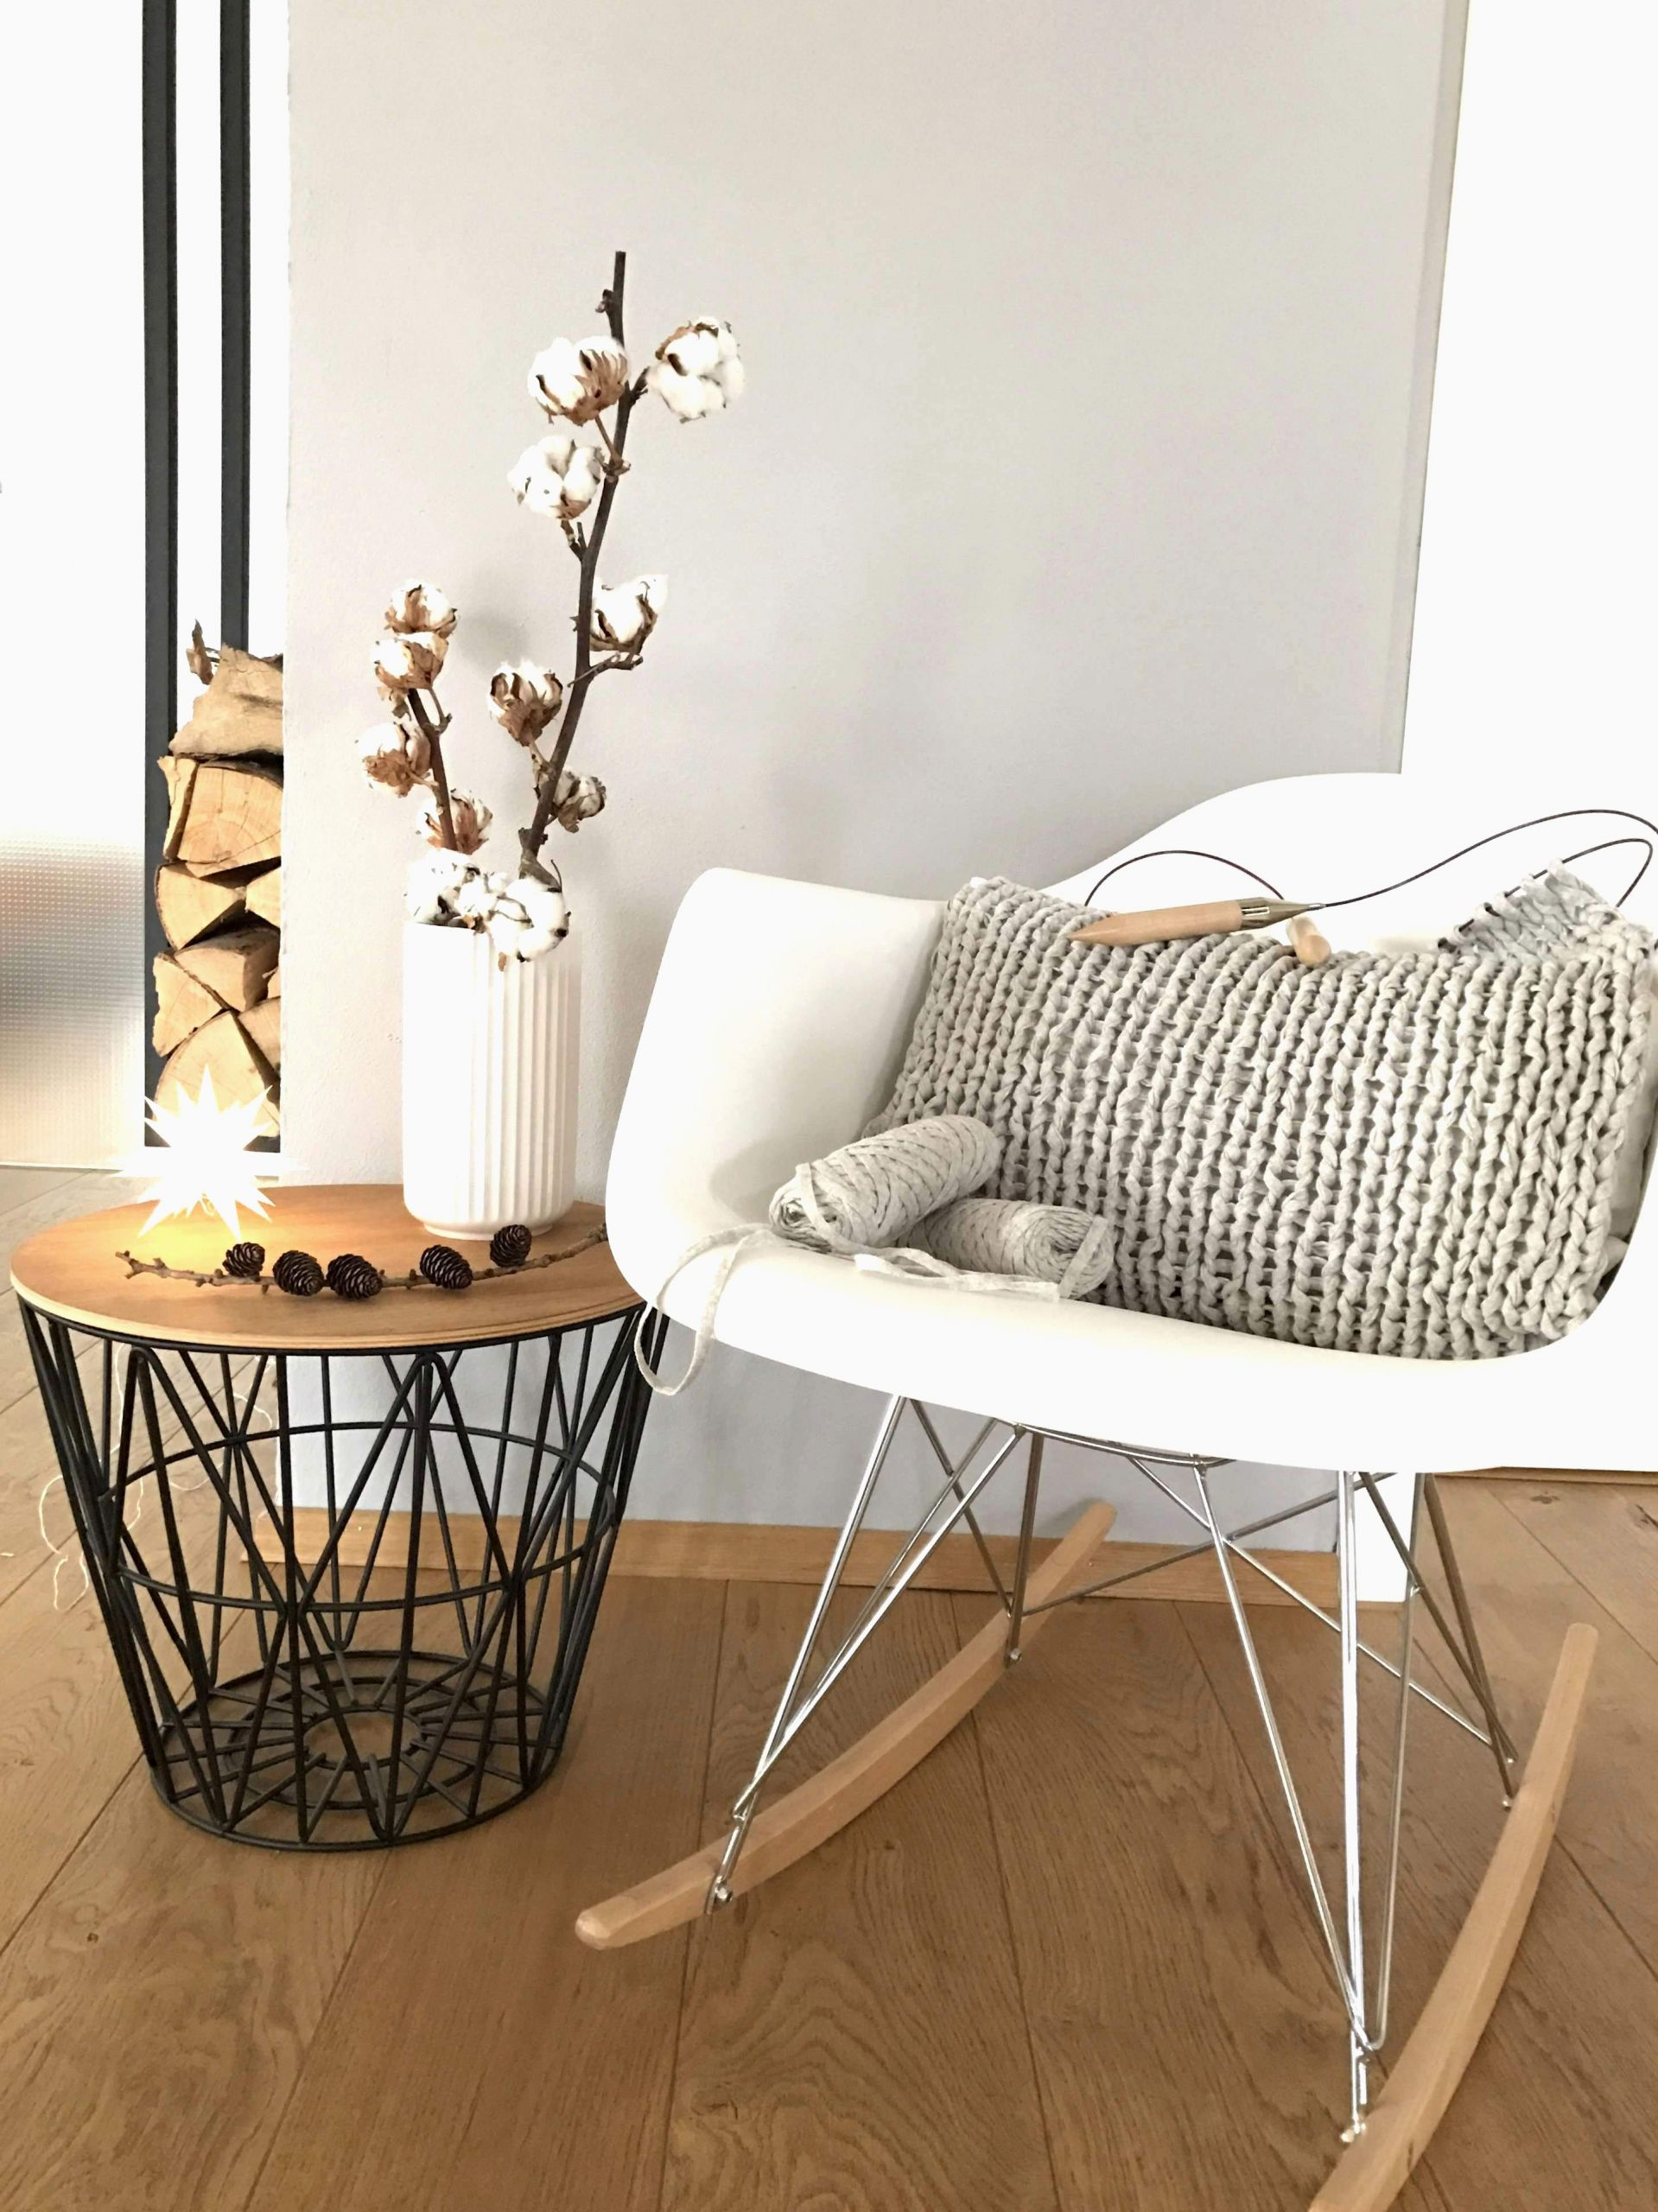 dekoration wohnzimmer genial wohnwand wohnzimmer schon wohnwand wohnzimmer 0d design von of dekoration wohnzimmer scaled